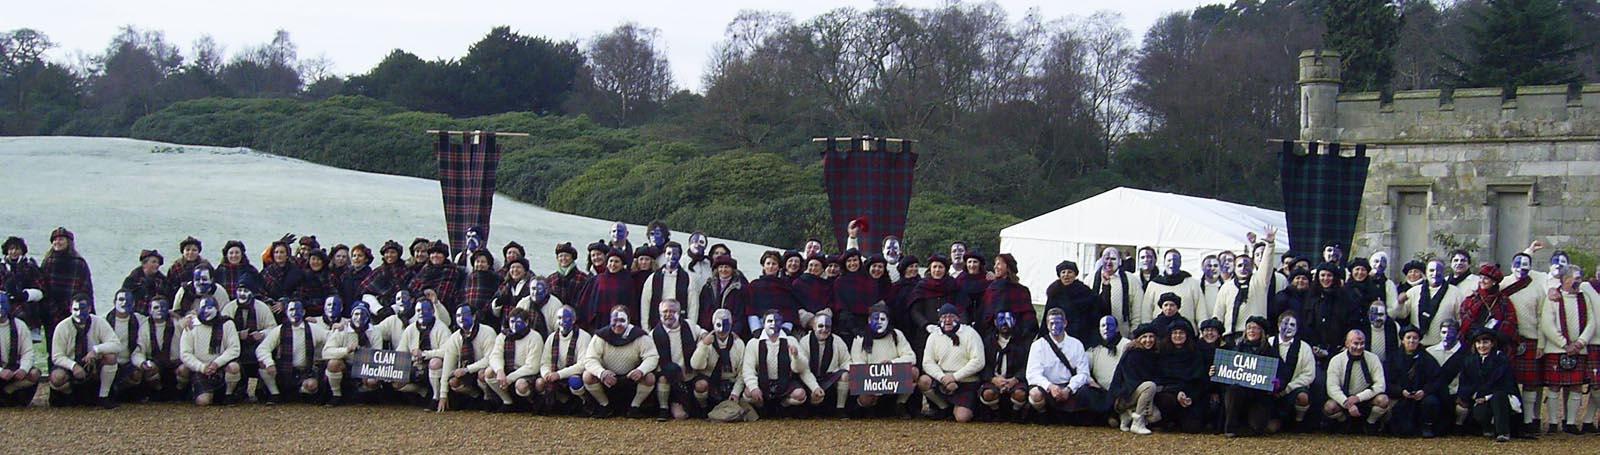 Dundas Castle team building event